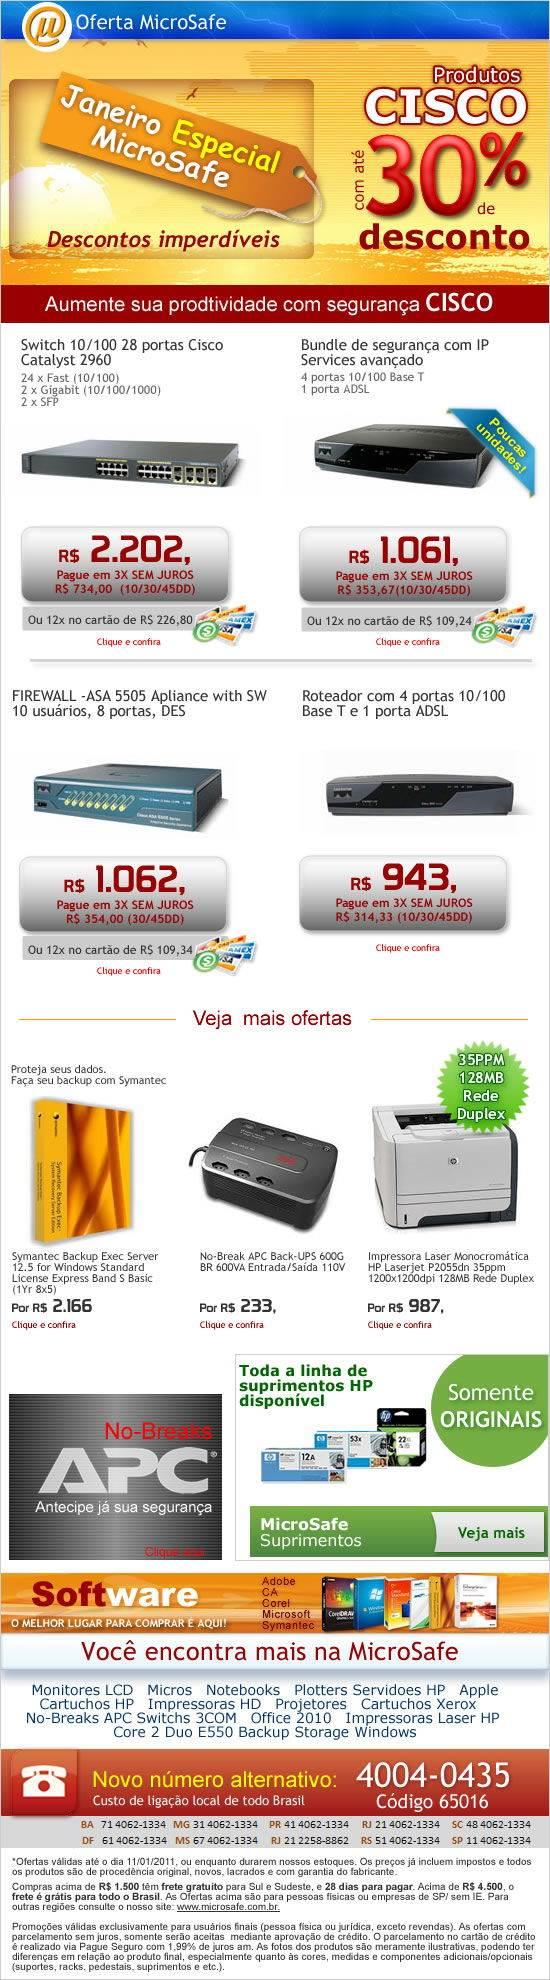 Produtos CISCO com até 30% de desconto na MicroSafe!